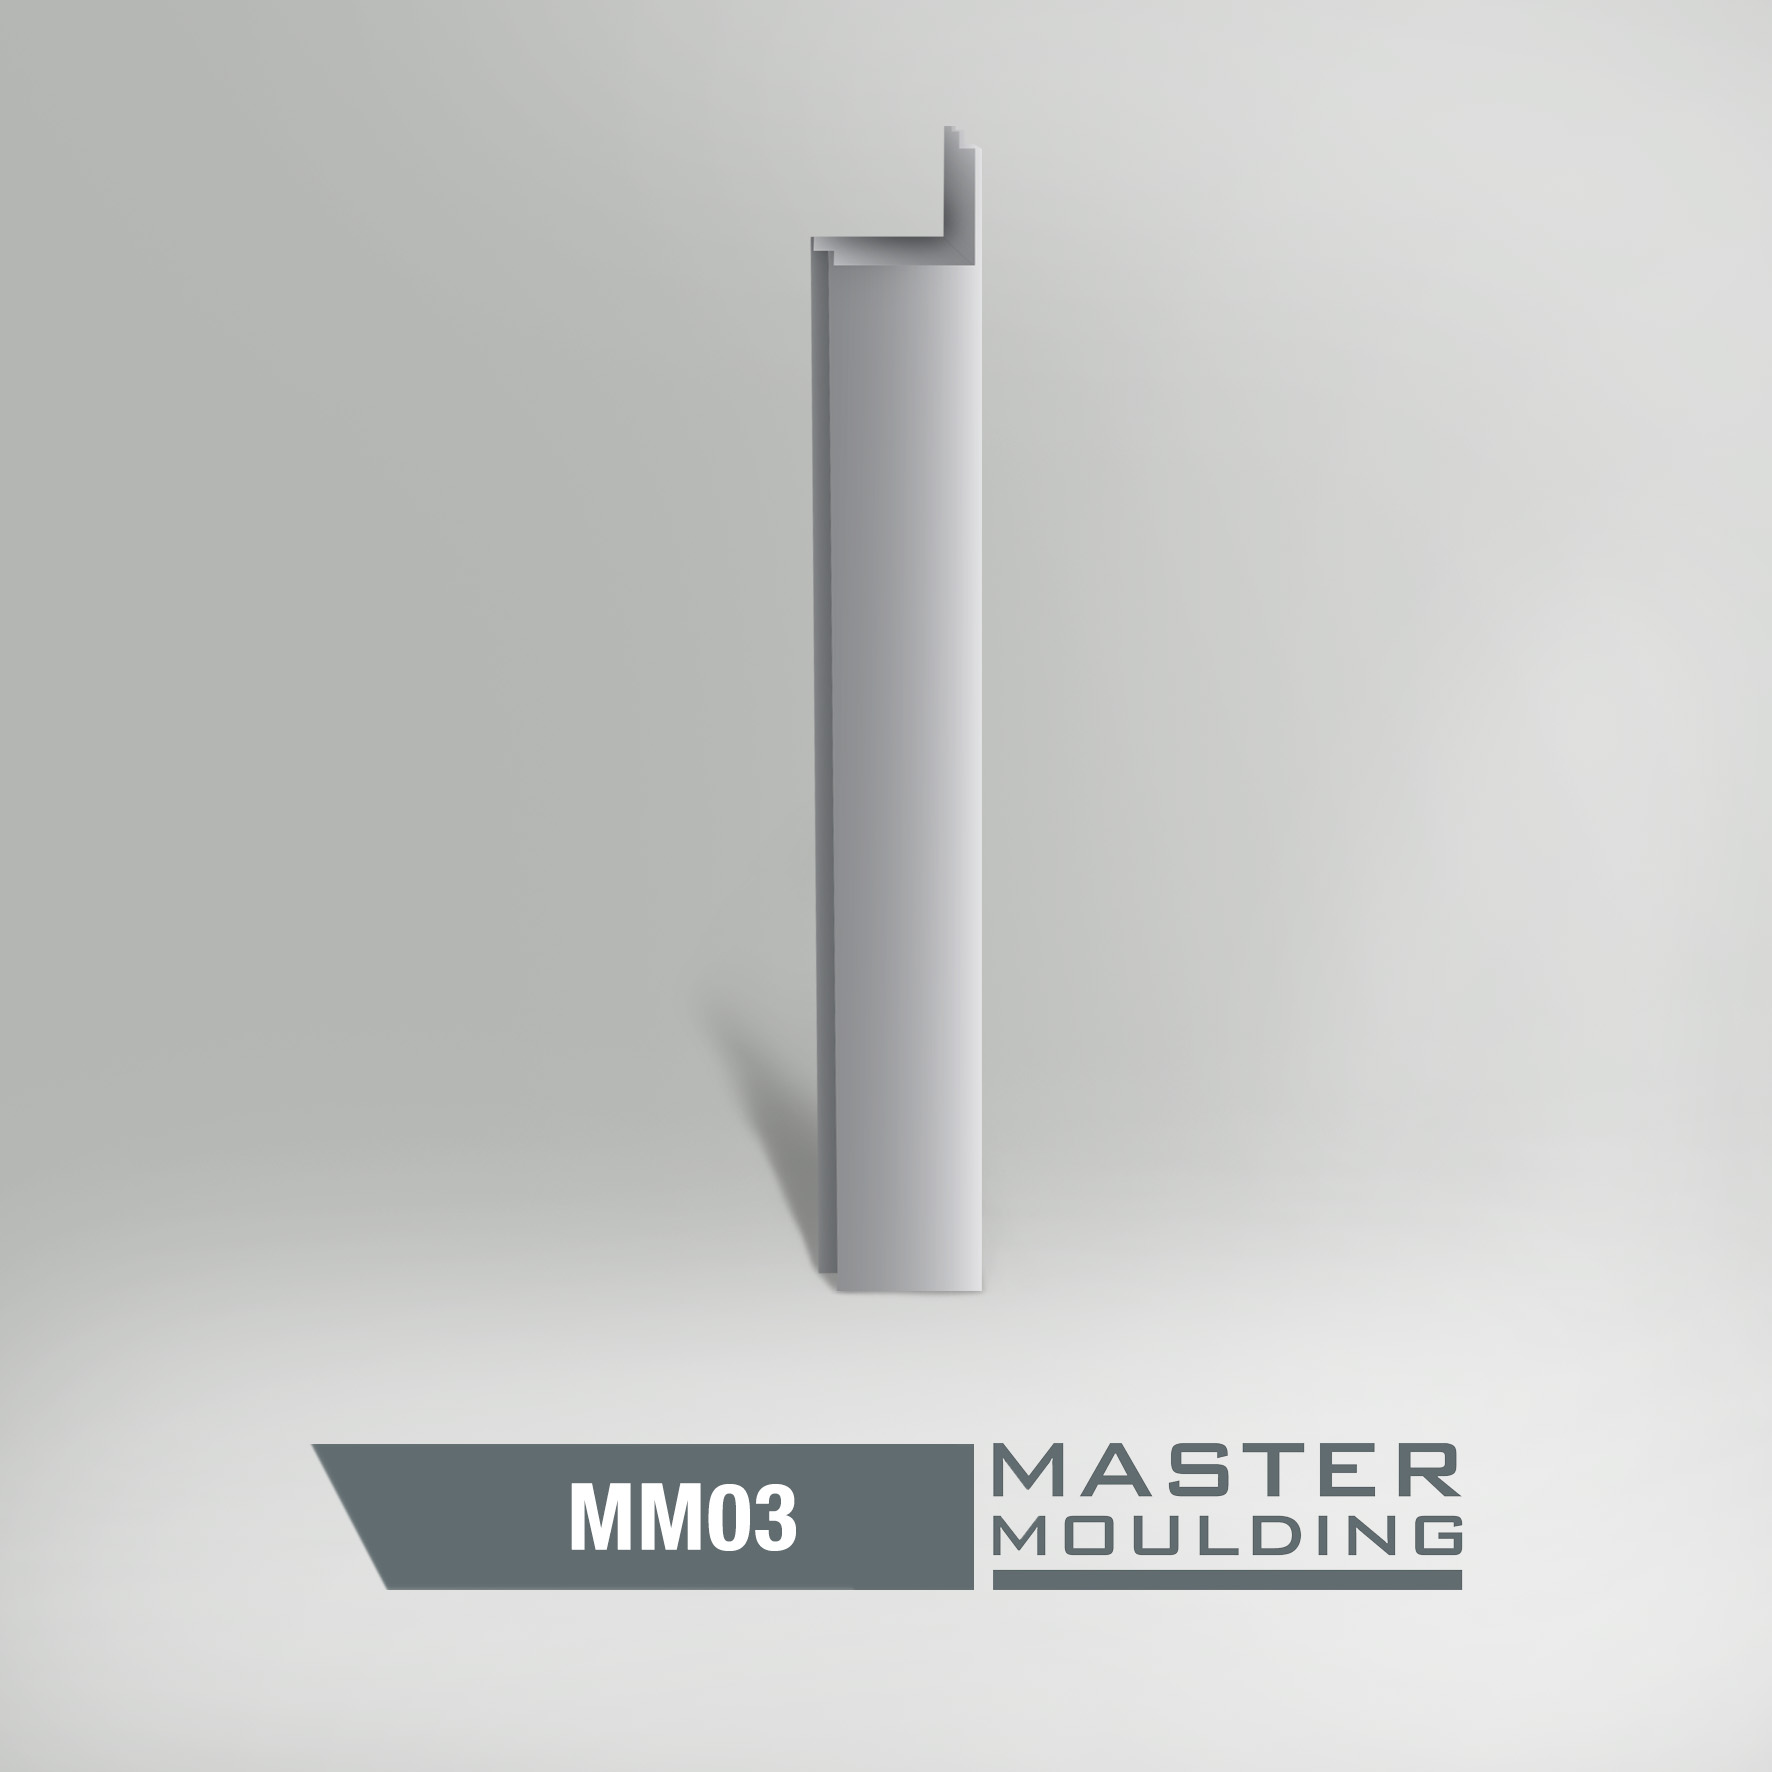 MM03 U